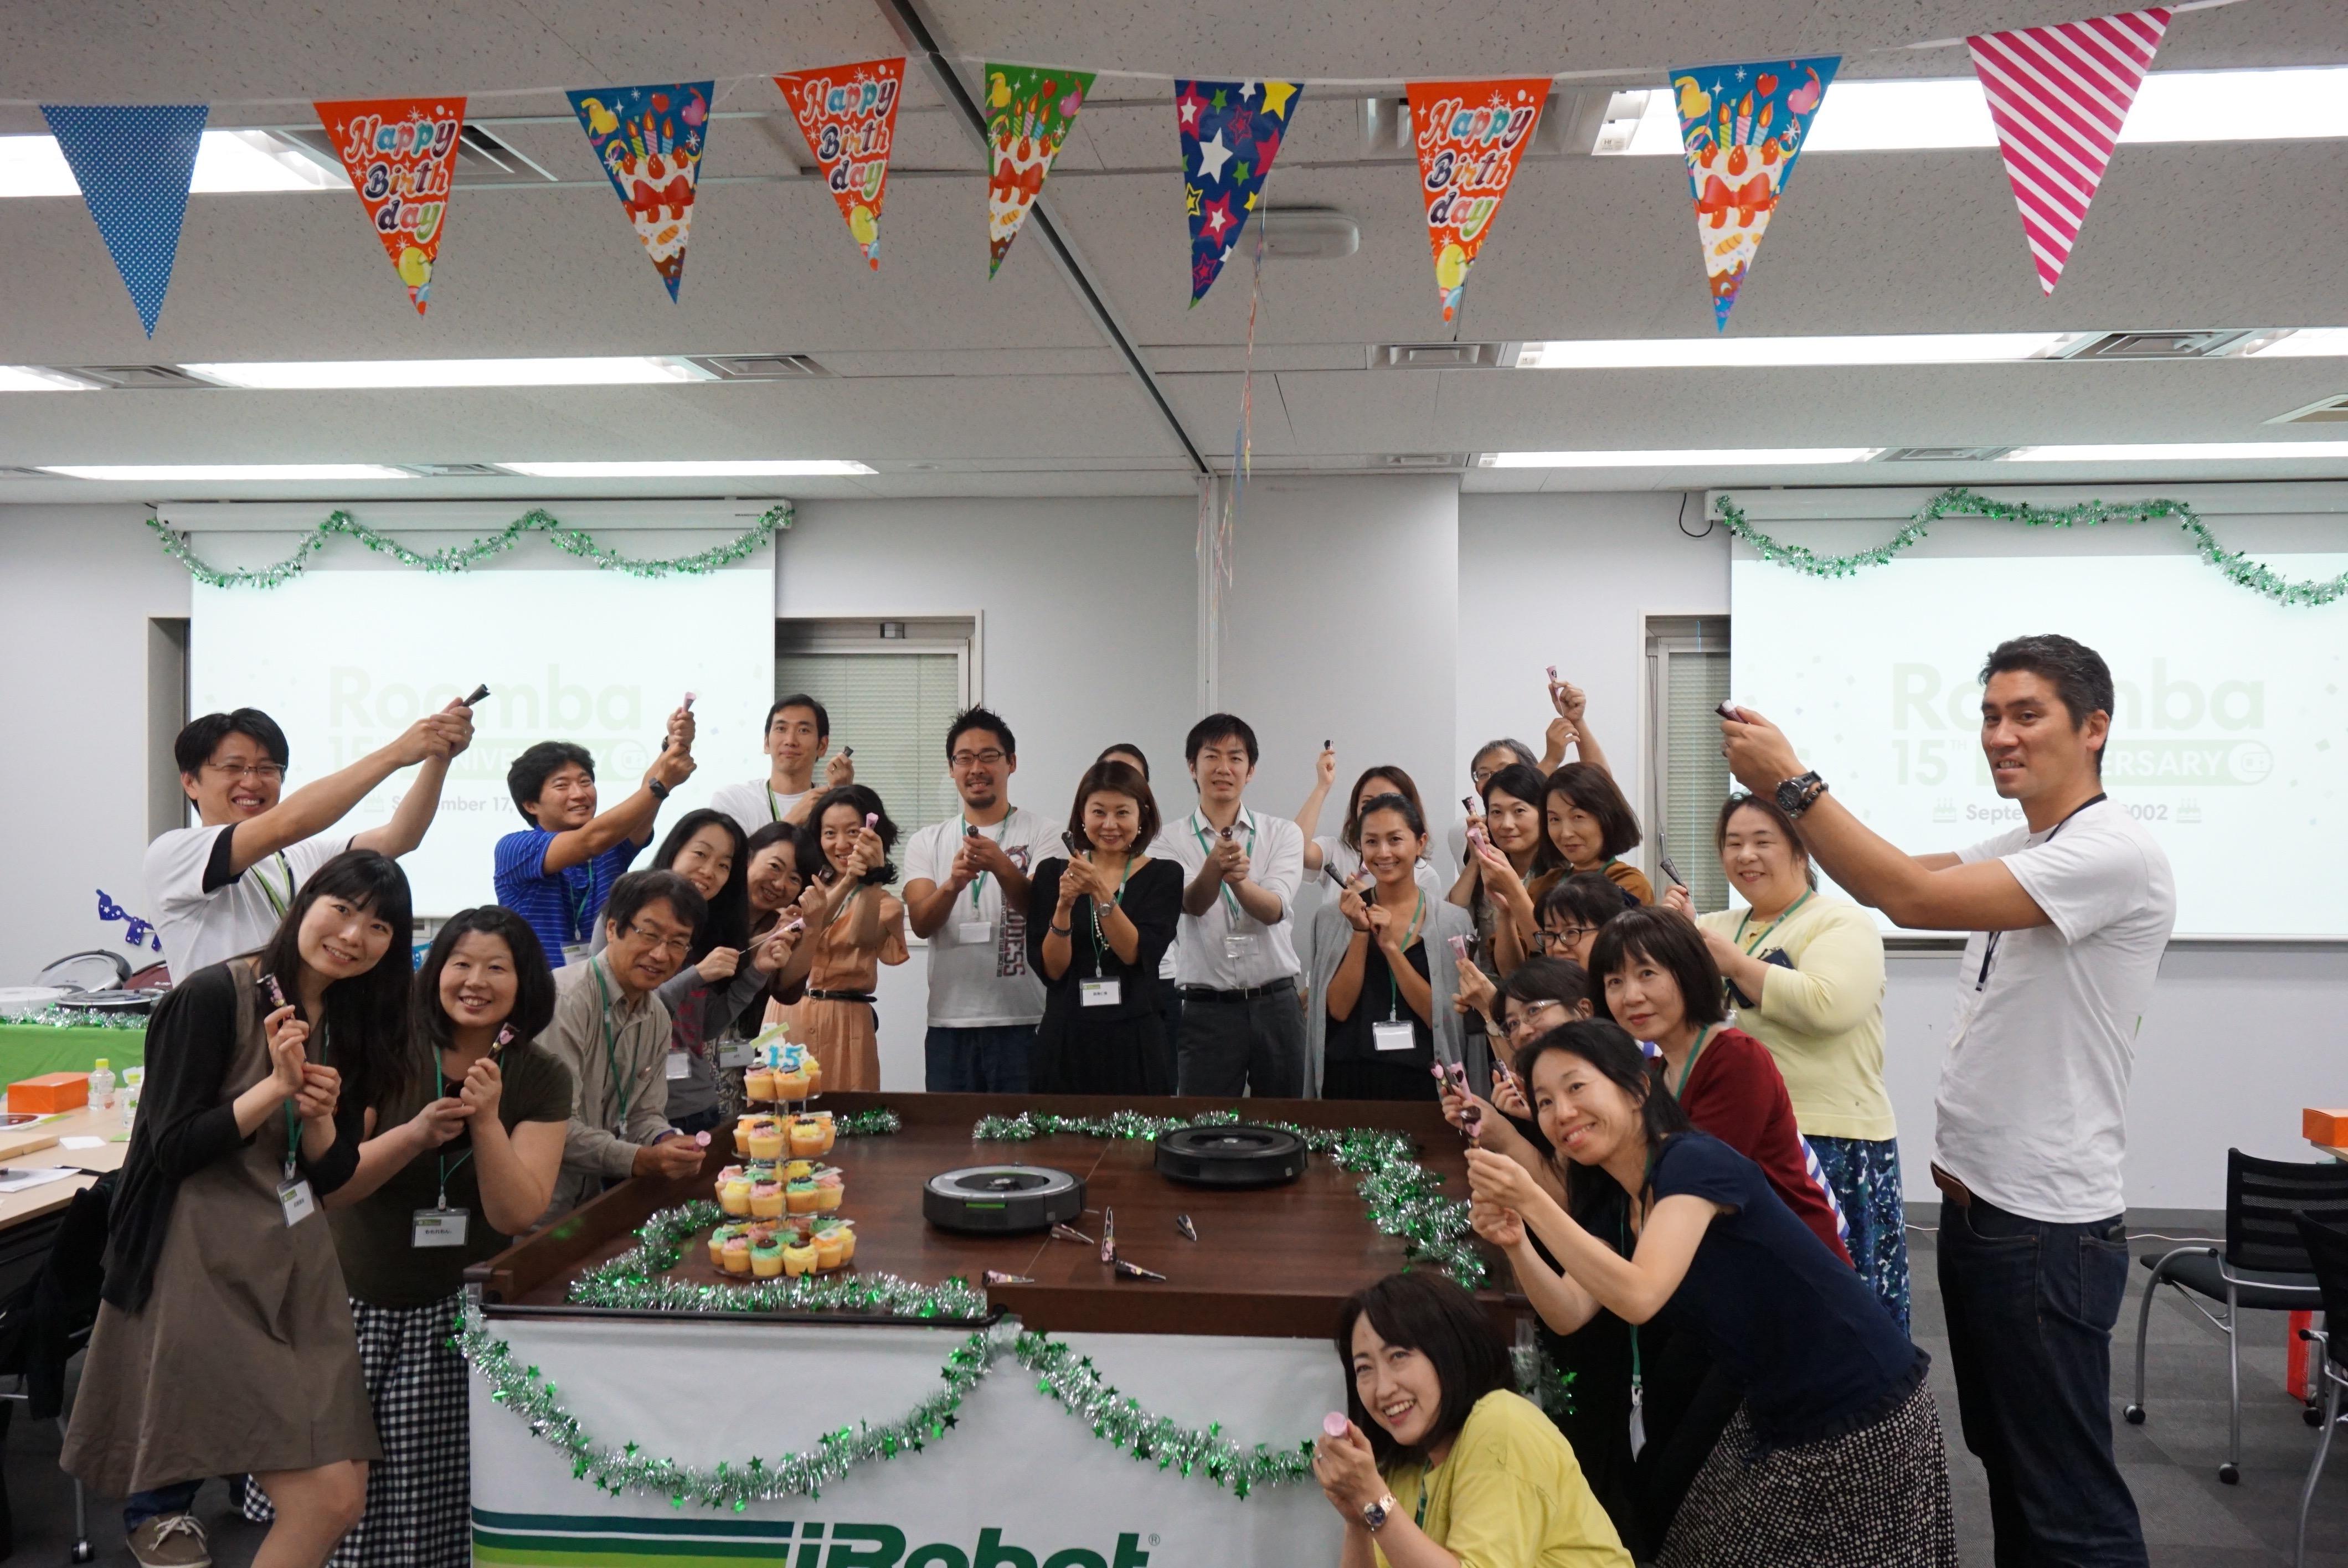 9月27日(水)アイロボット ファンプログラム ファンミーティングを開催しました。